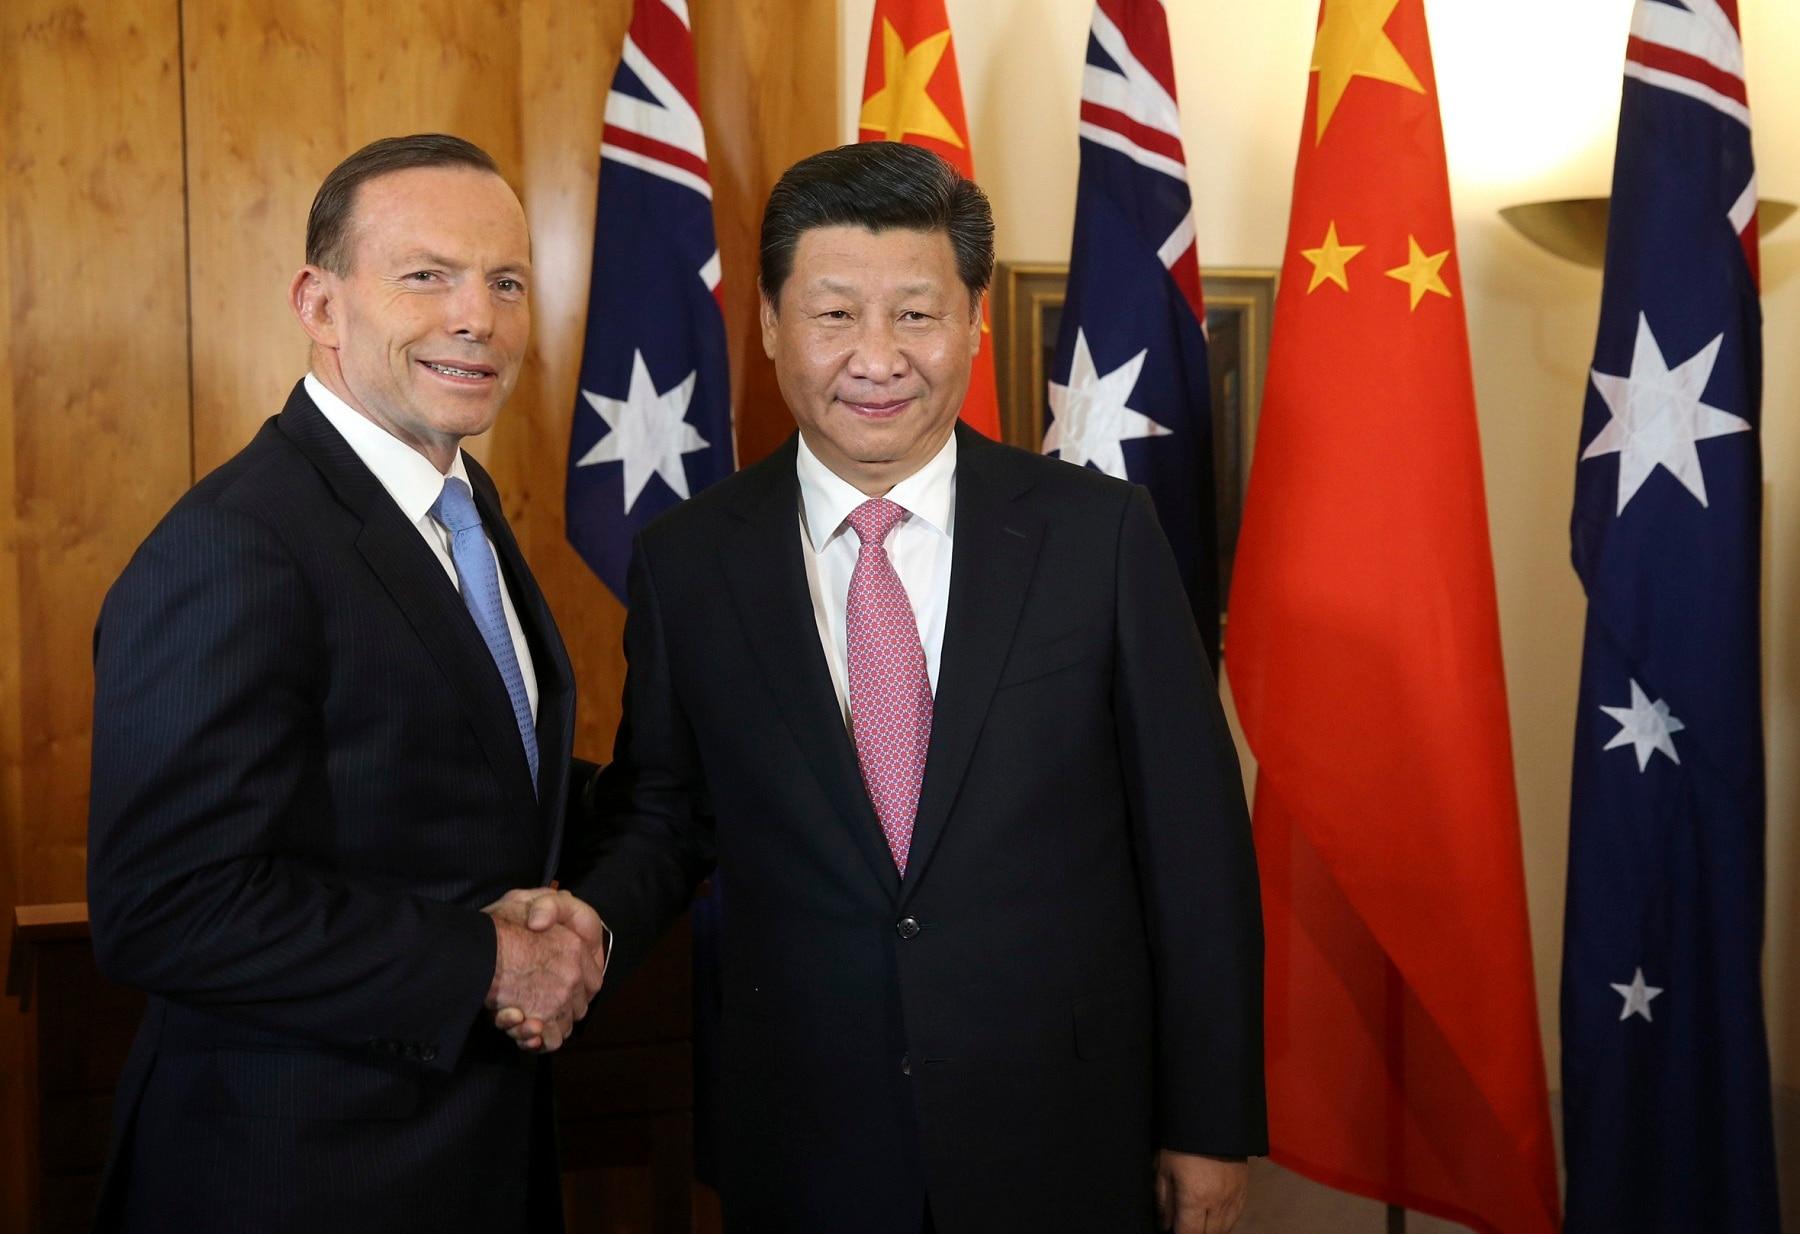 Abbott Xi